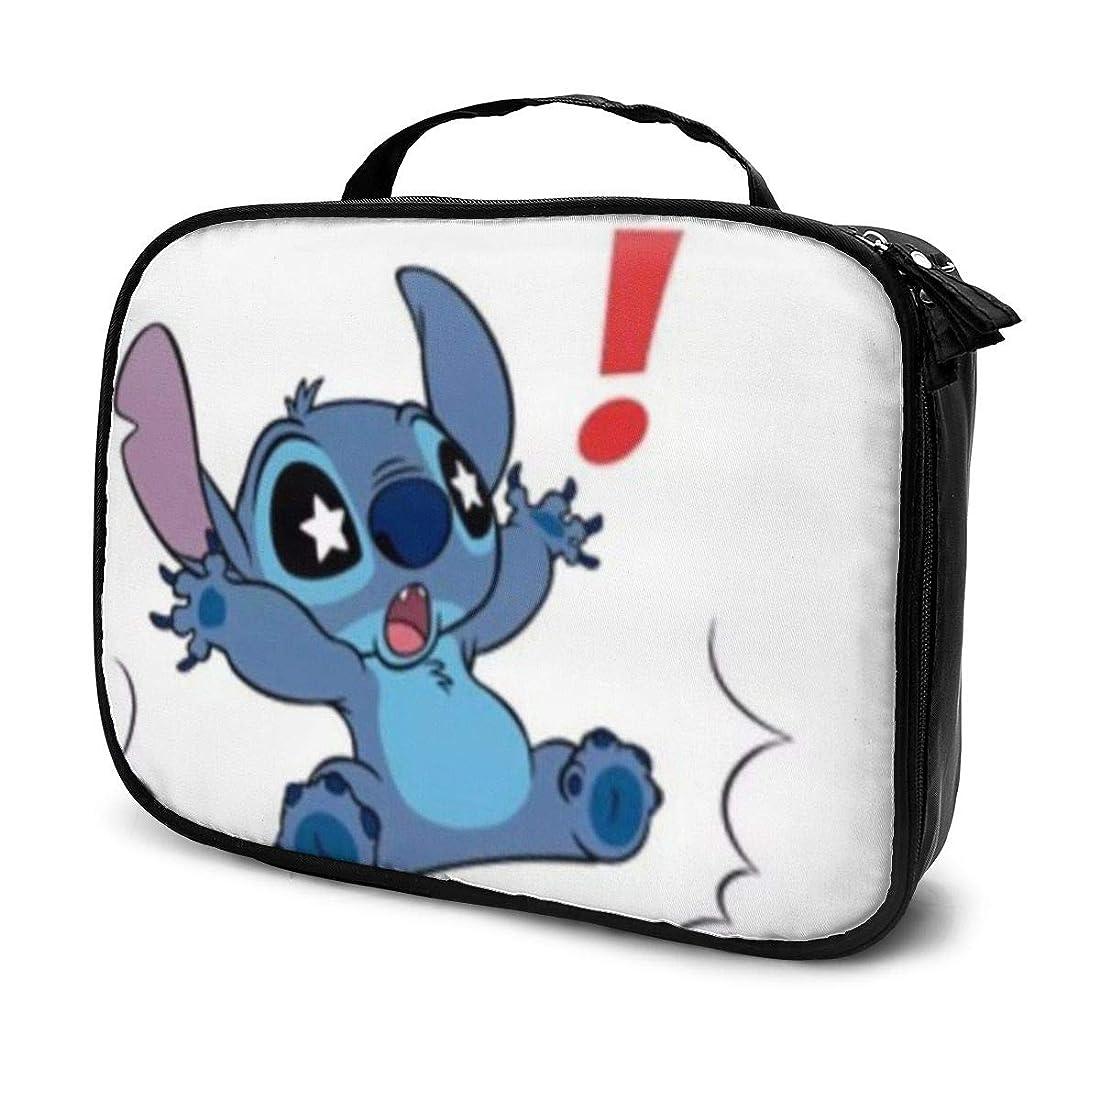 セメント瀬戸際実験室Daituスターアイズステッチ 化粧品袋の女性旅行バッグ収納大容量防水アクセサリー旅行